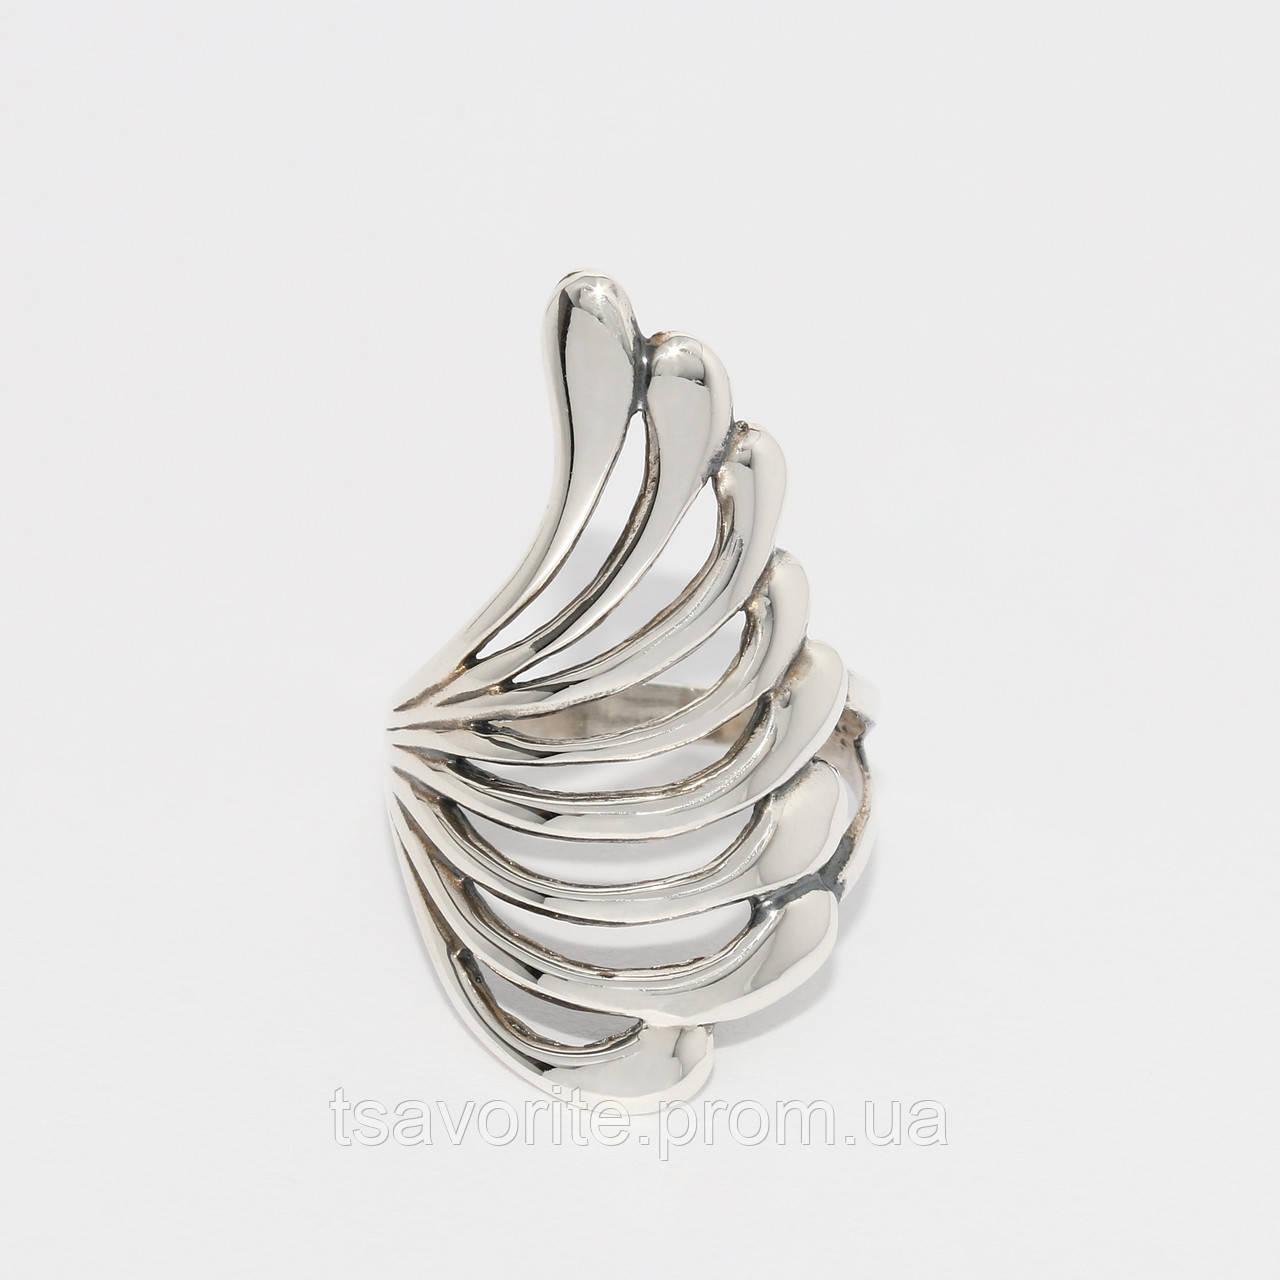 Серебряное кольцо 147КЮ